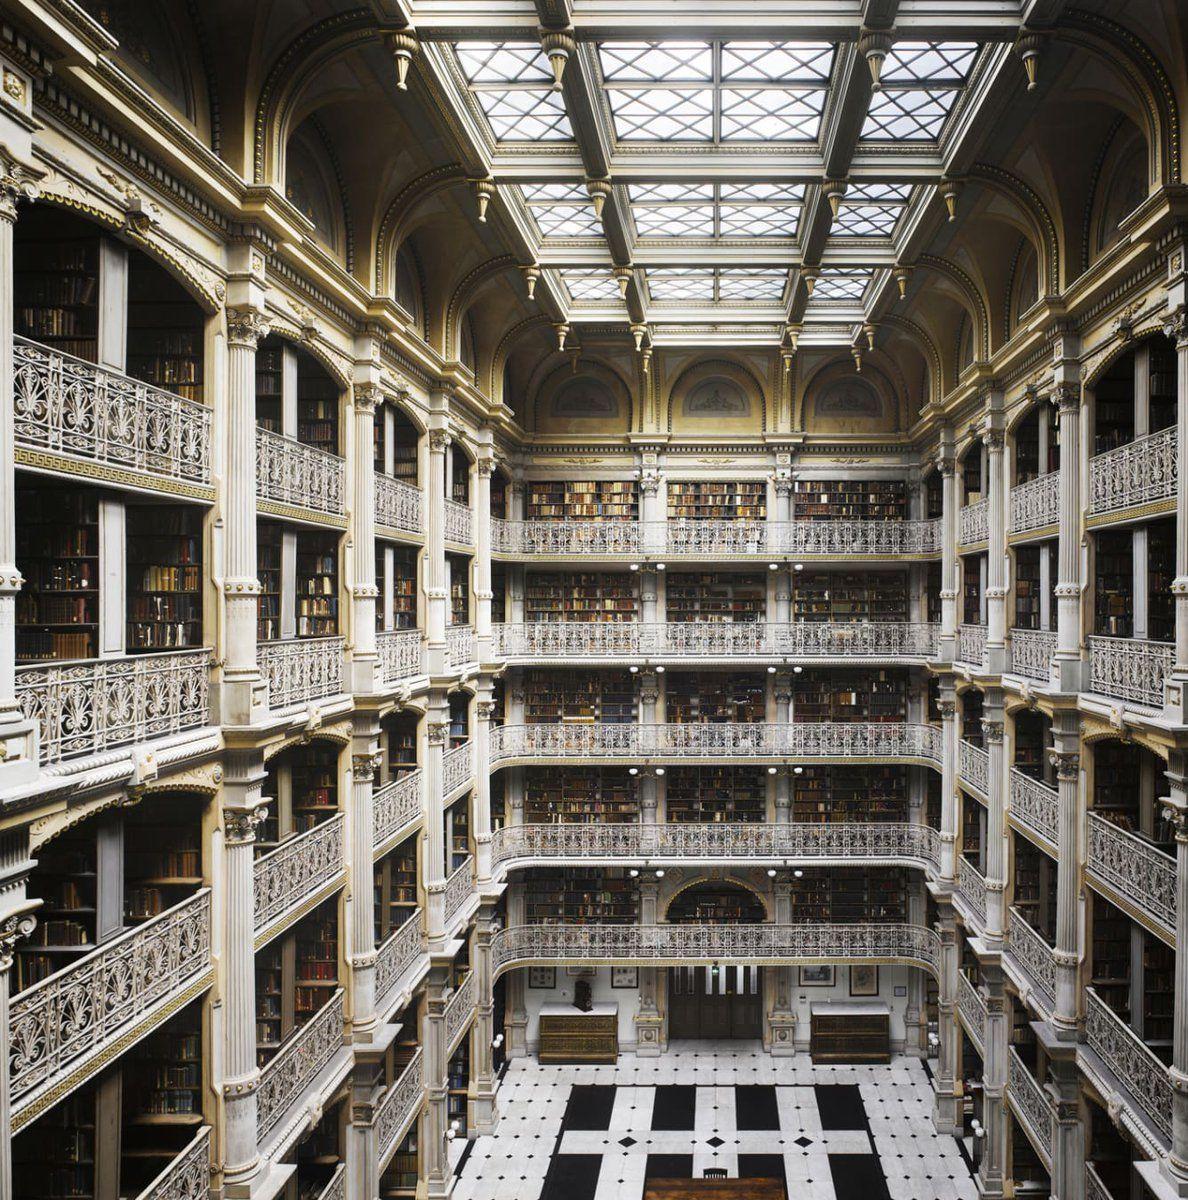 Tenpurasoba On 図書館建築 ガラス天井 公共図書館